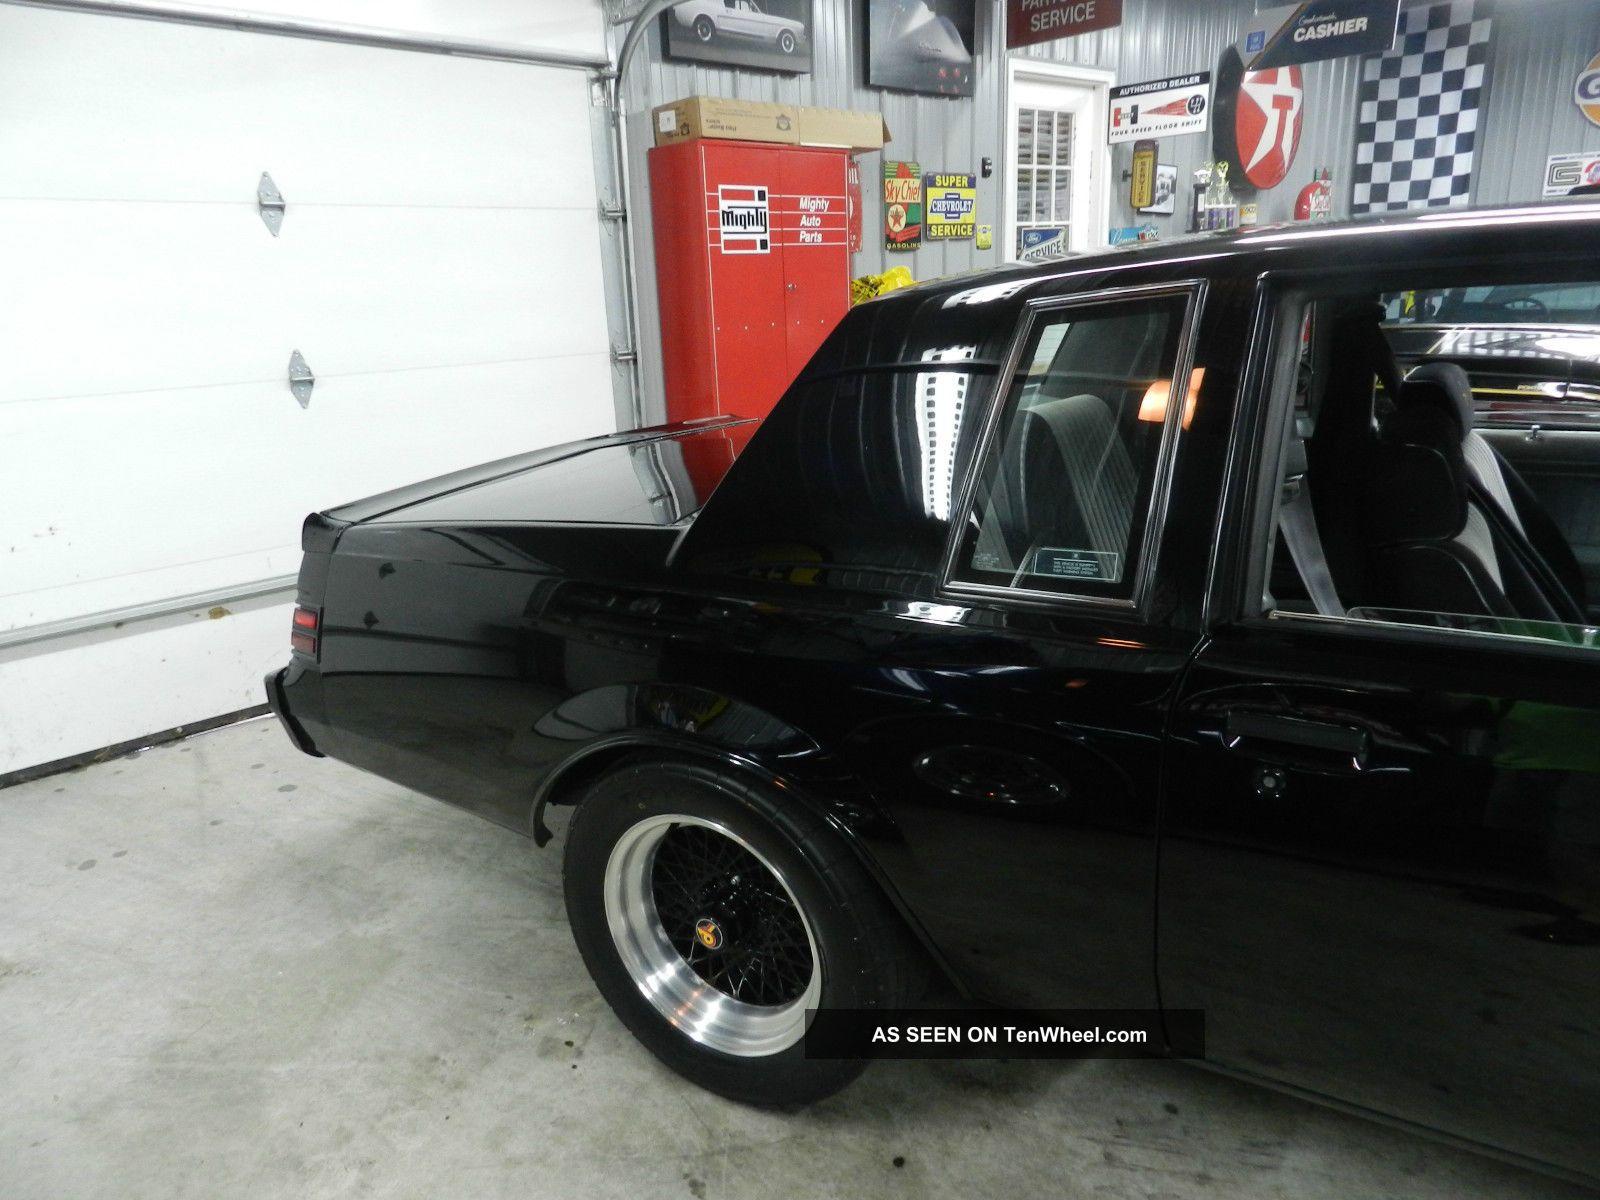 1986 buick grand national modded built 10 sec turbo gn gnx 87 regal. Black Bedroom Furniture Sets. Home Design Ideas